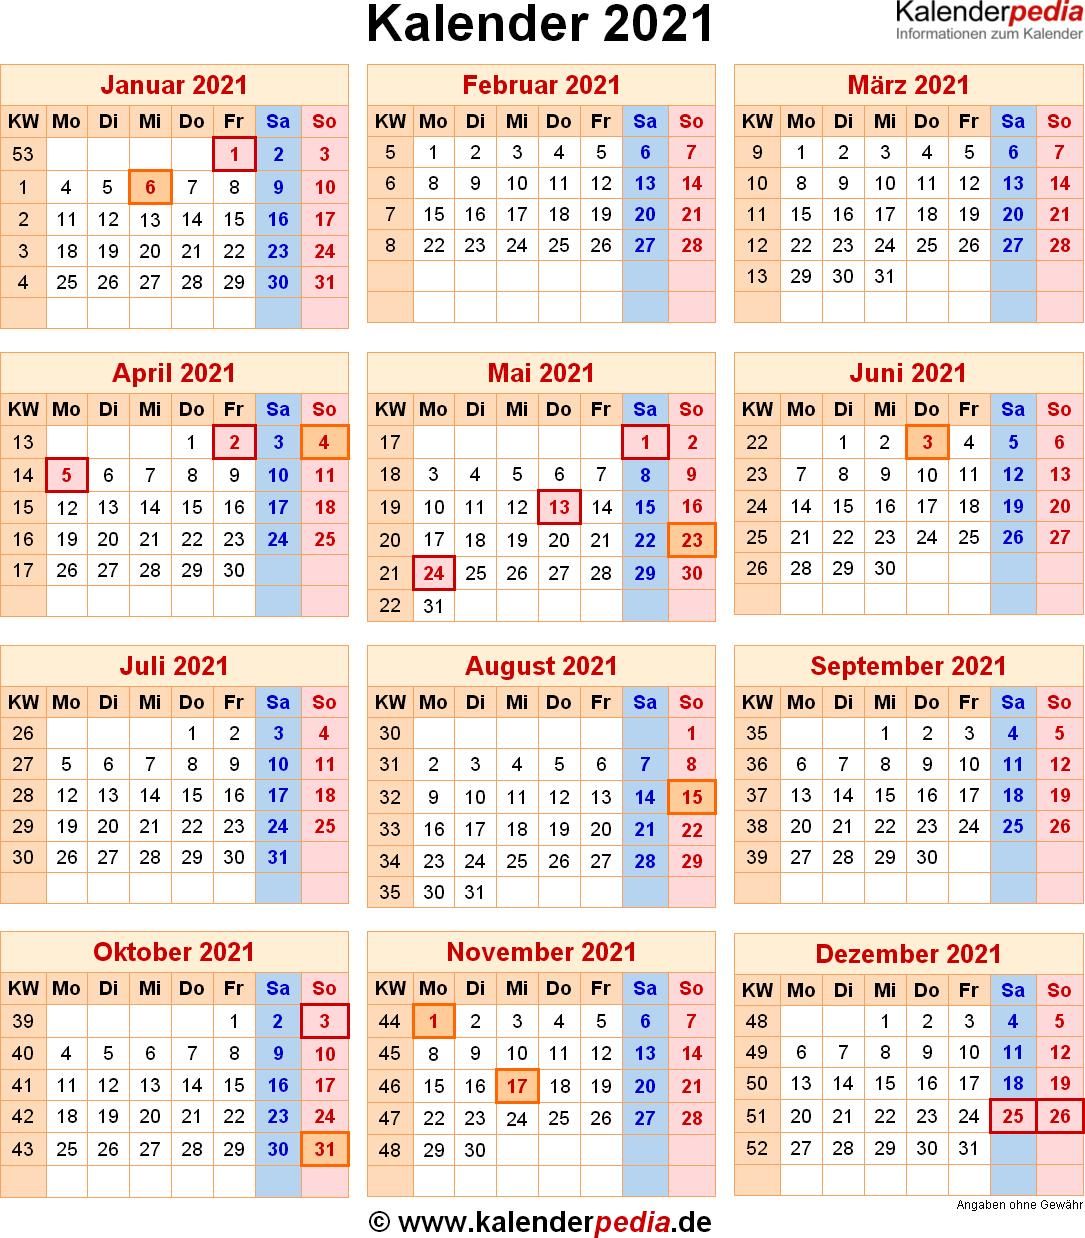 Kalender 2021 mit Excel/PDF/Word-Vorlagen, Feiertagen ...